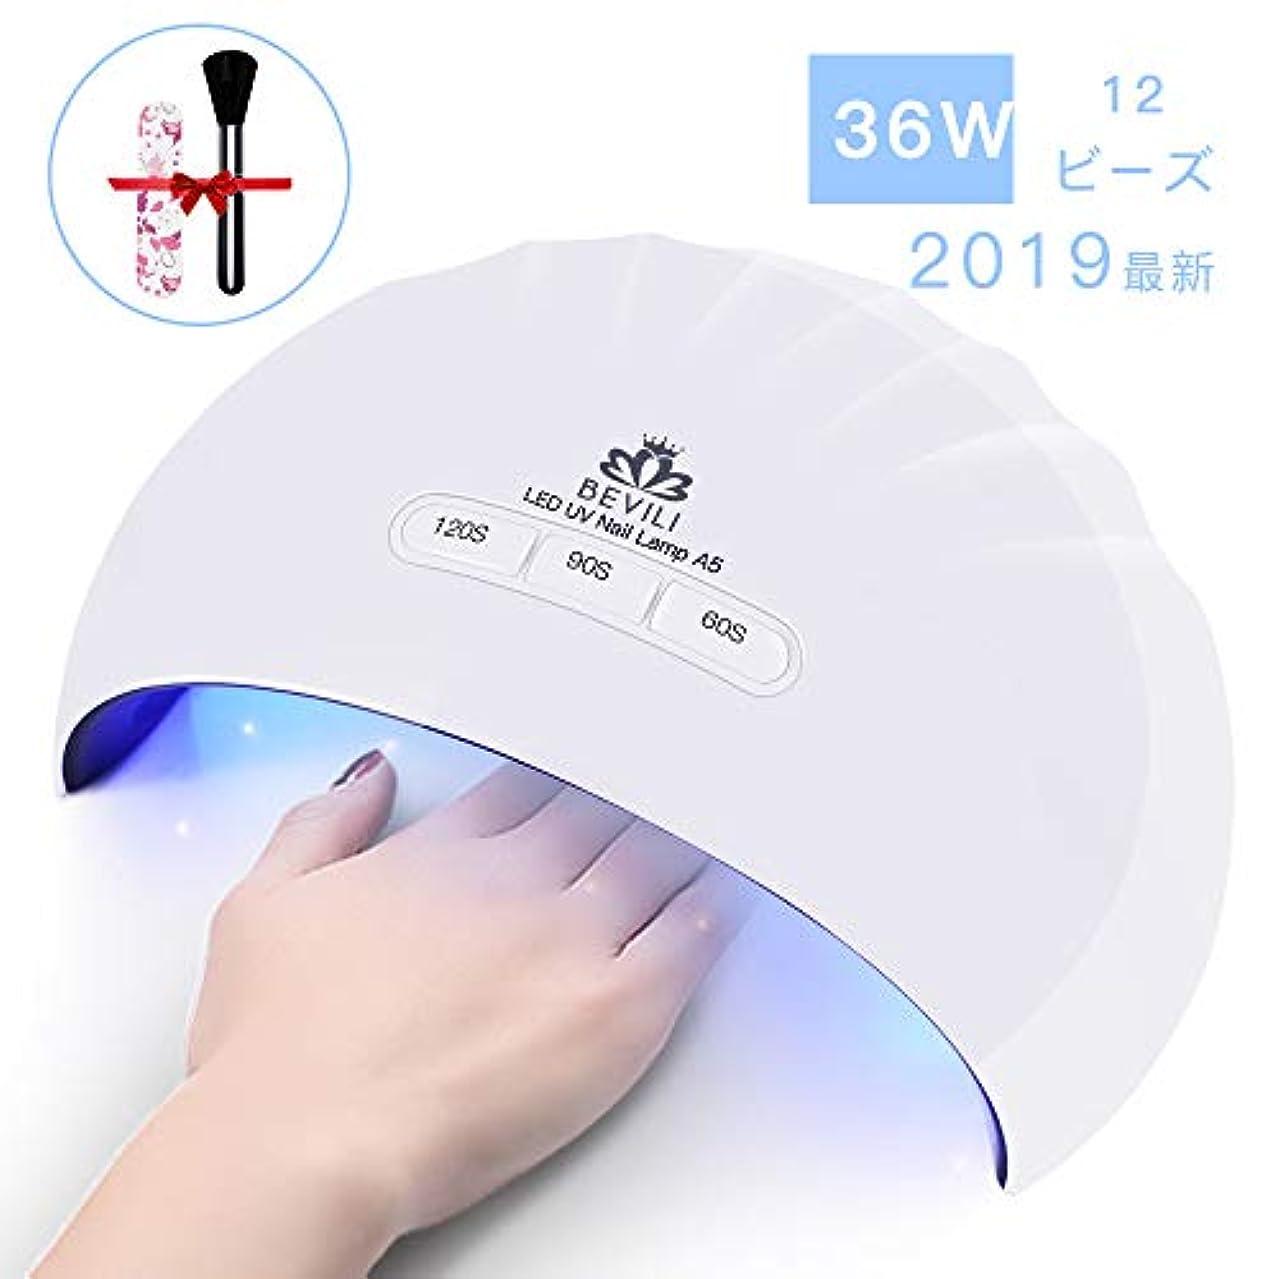 運営羽賞賛硬化用UV/LEDライトジェルネイルライト 肌をケア センサータイマー付き UVライト 速乾UV ネイル ハンドフット両用 ネイル led ライト USB対応 (ホワイト)